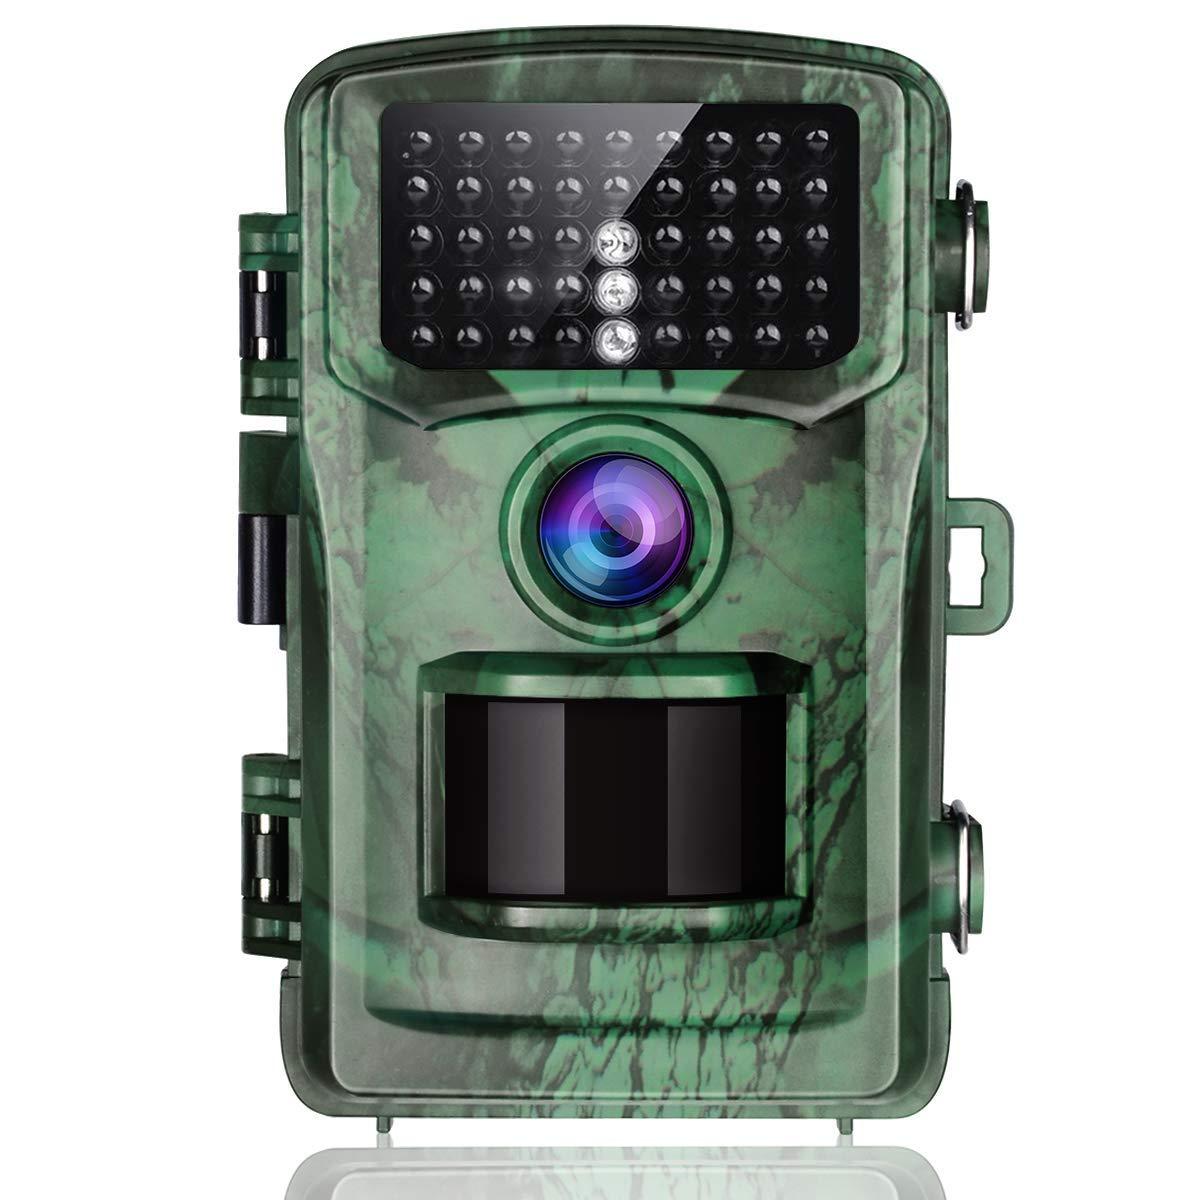 TOGUARD Hunting Trail Camera